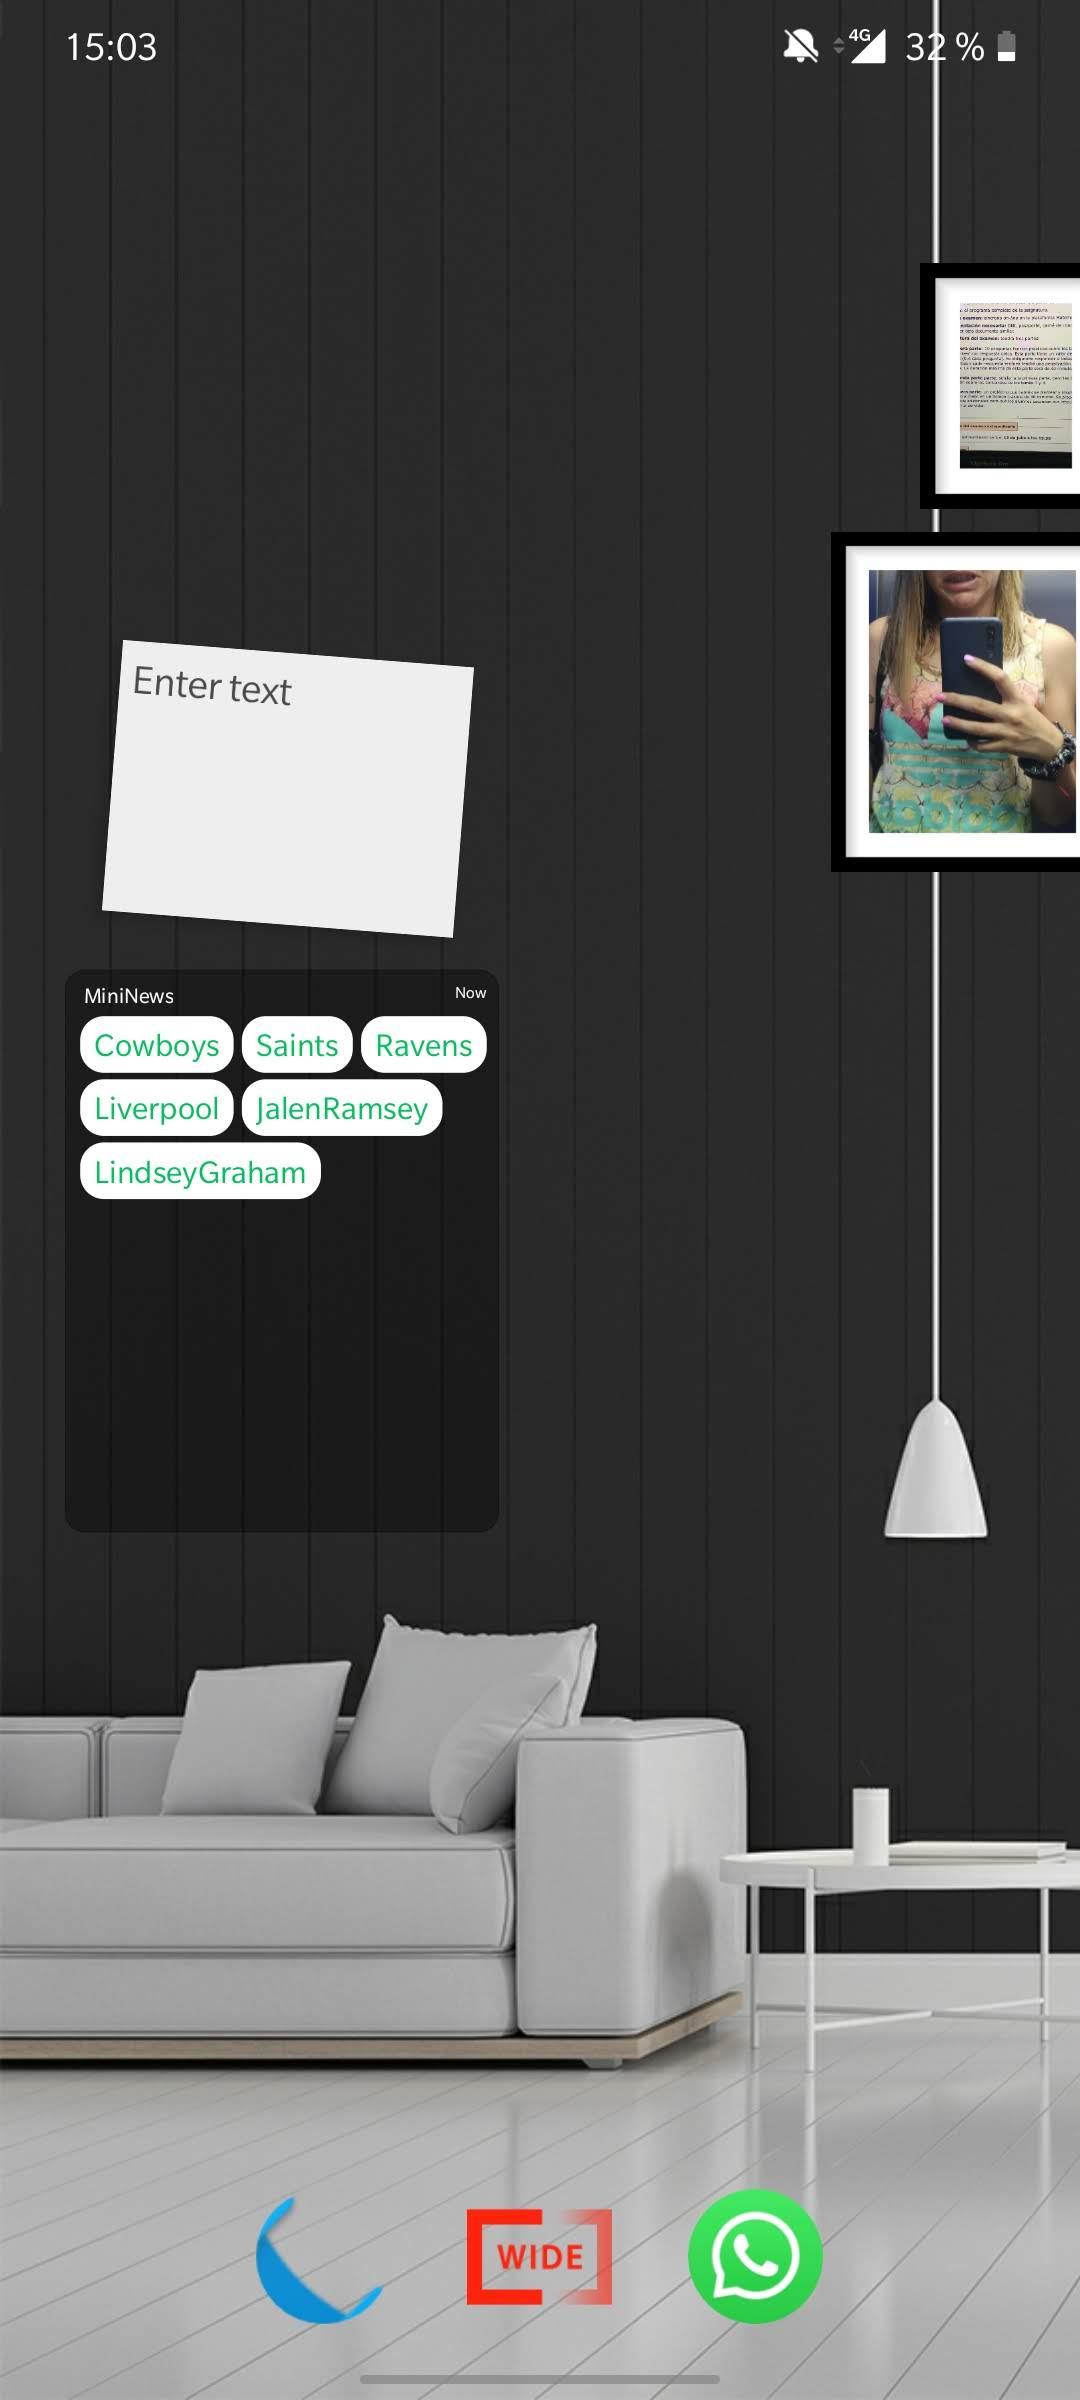 wide launcher personalización